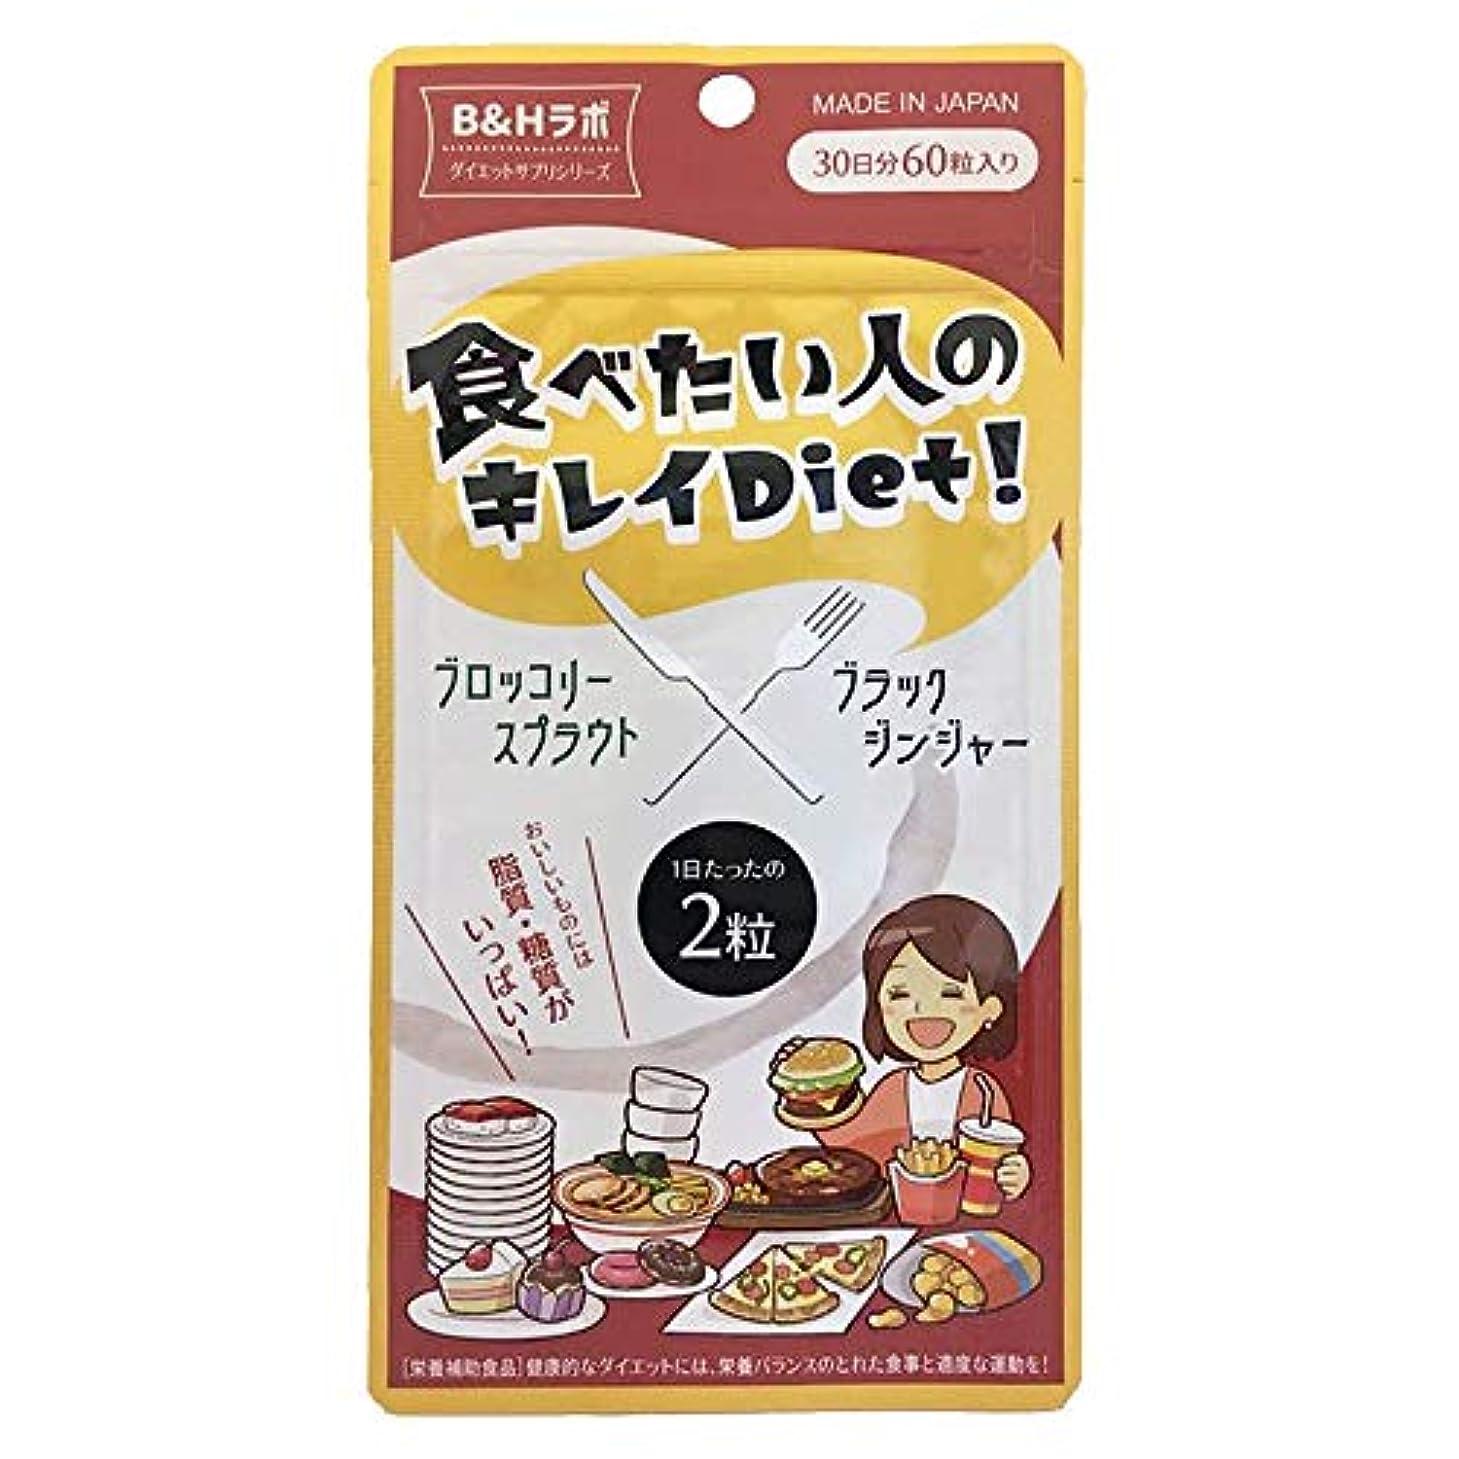 起点保険クリア食べたい人のキレイDiet! ブロッコリースプラウト×ブラックジンジャー ダイエットサプリ